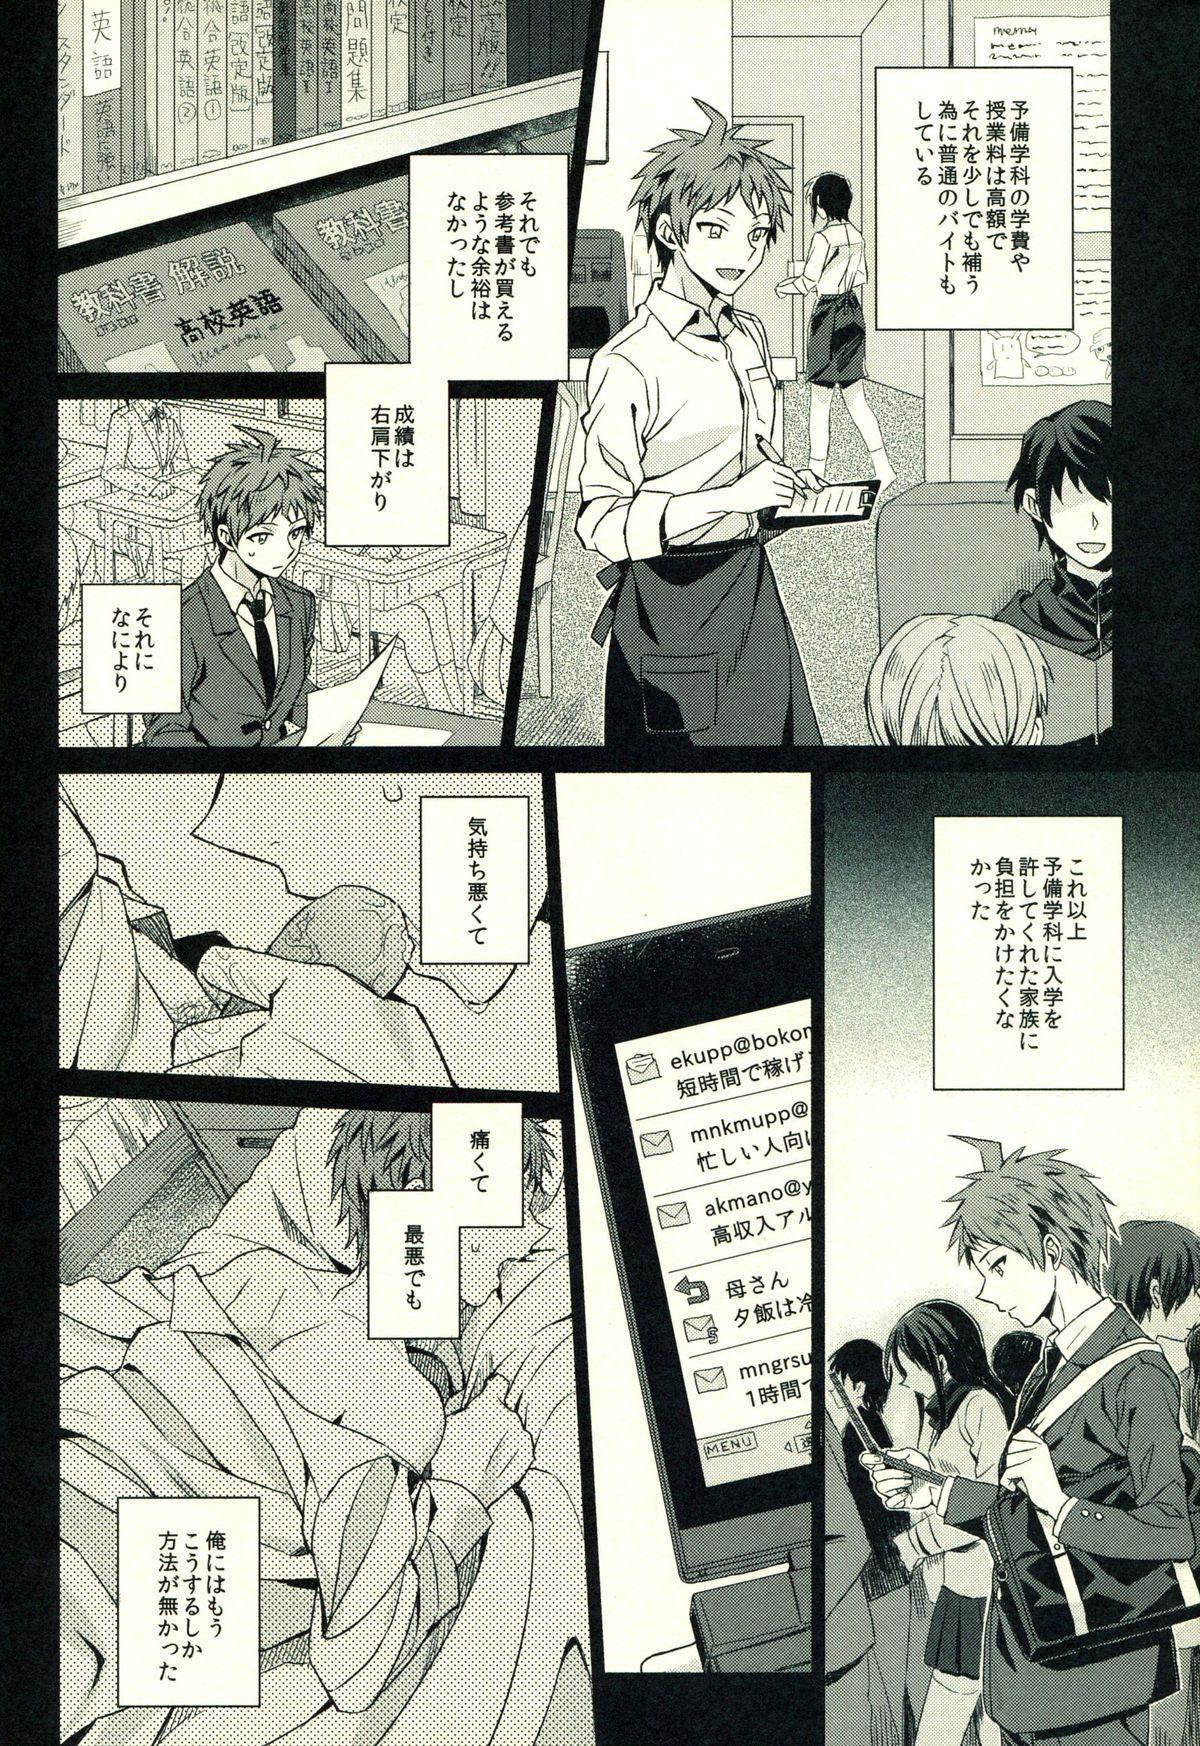 Hinata Hajime no Himitsu no Jikan 126